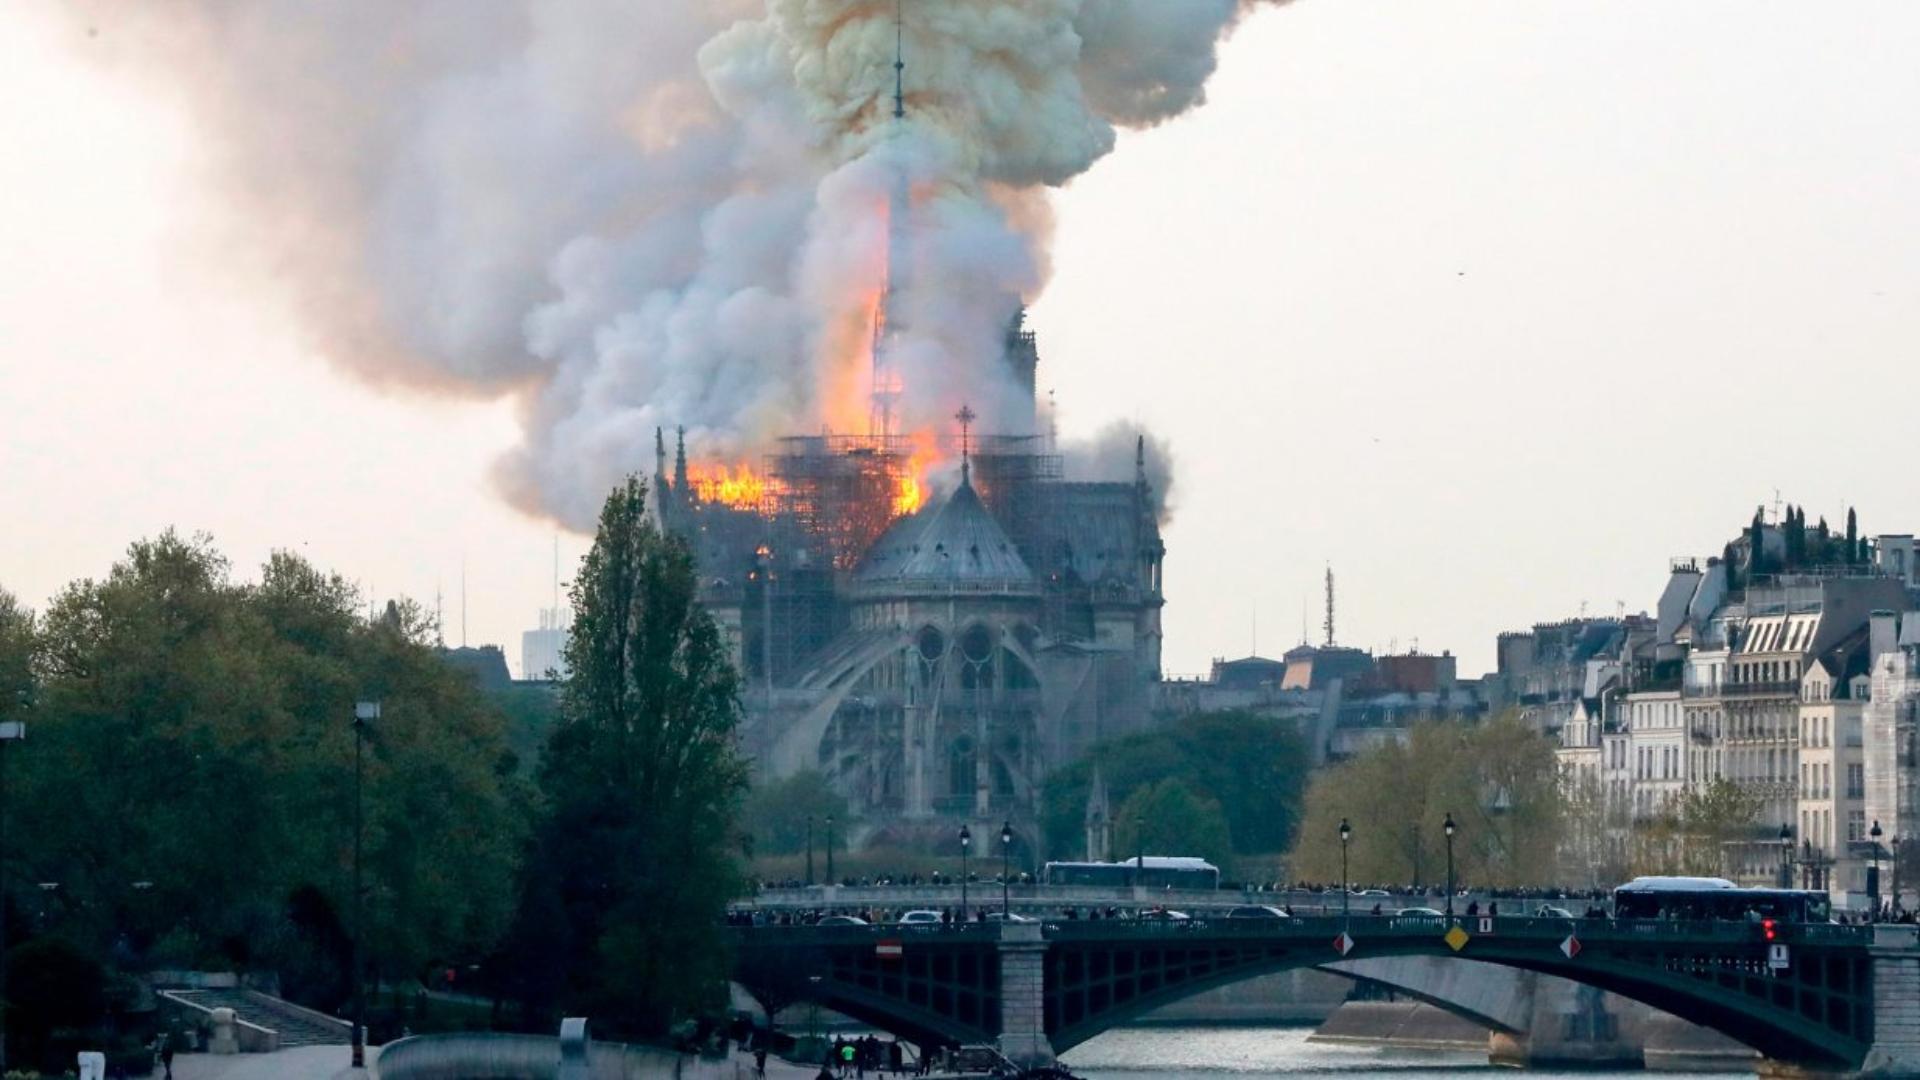 Entre andamios, así avanza la reconstrucción de la Catedral de Notre Dame